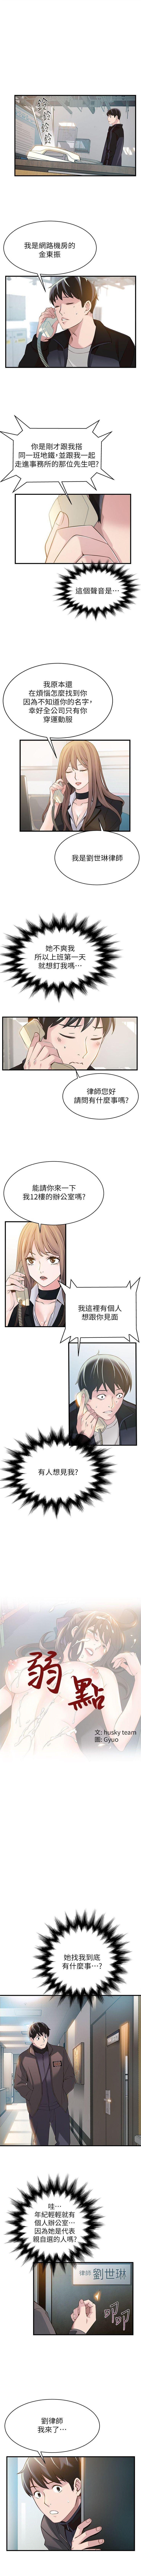 (周7)弱点 1-66 中文翻译(更新中) 29